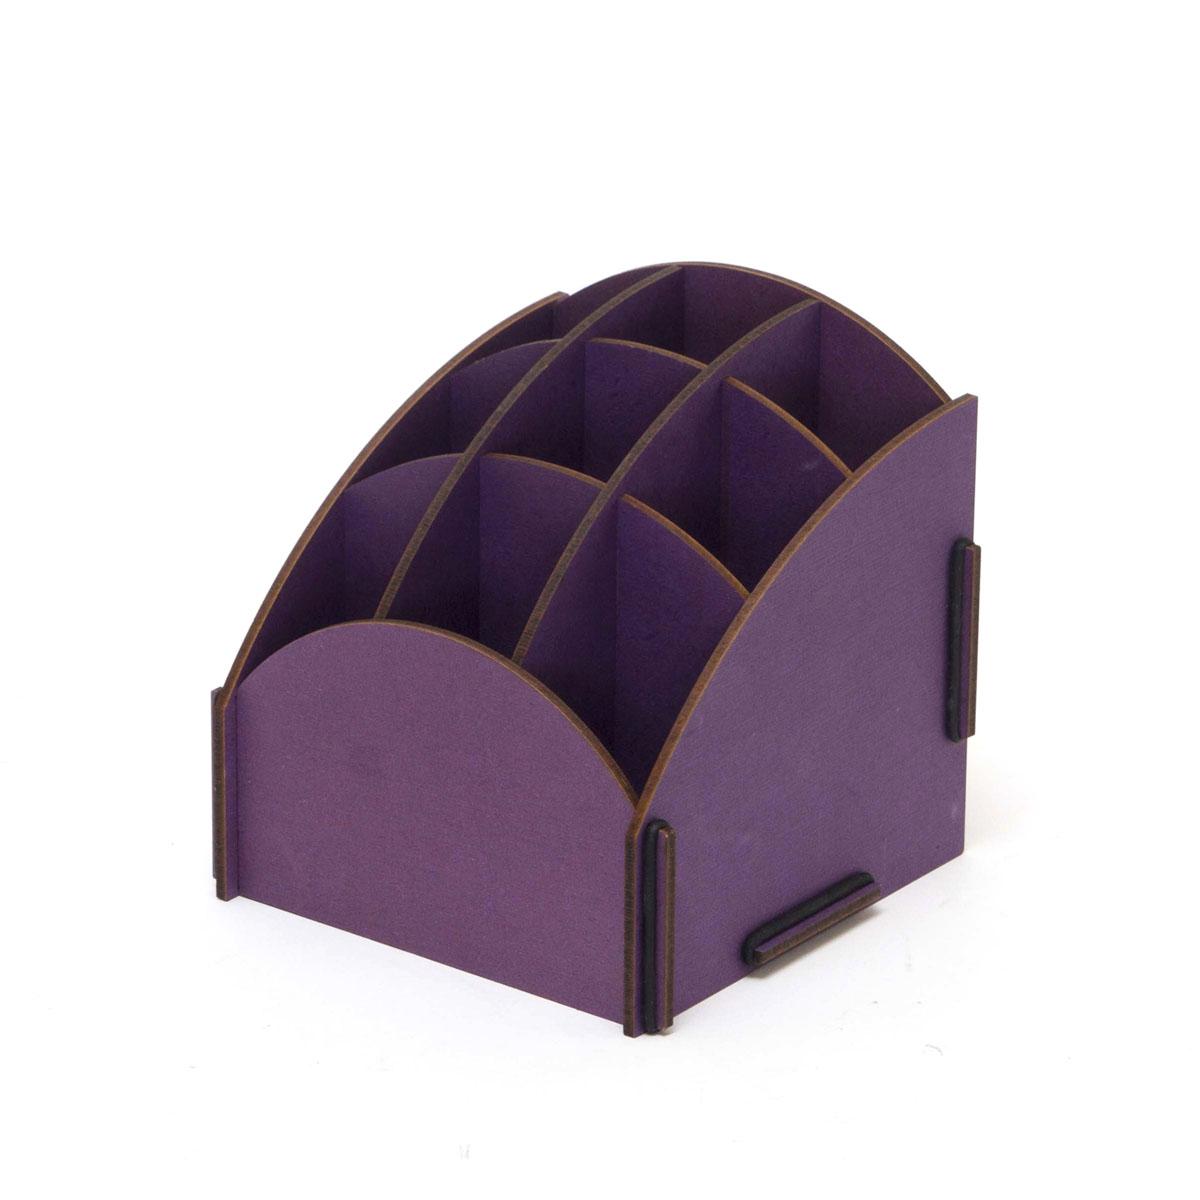 Органайзер настольный Homsu, 9 секций, цвет: фиолетовый, 13,8 x 13,8 x 14 смHOM-73Настольный органайзер Homsu выполнен из МДФ и легко собирается из съемных частей. Изделие имеет 9 отделений для хранения документов, канцелярских предметов и всяких мелочей. Органайзер просто незаменим на рабочем столе, он вместителен и не занимает много места. Оригинальный дизайн дополнит интерьер дома и разбавит цвет в скучном сером офисе. Размер: 13,8 х 13,8 х 14 см.